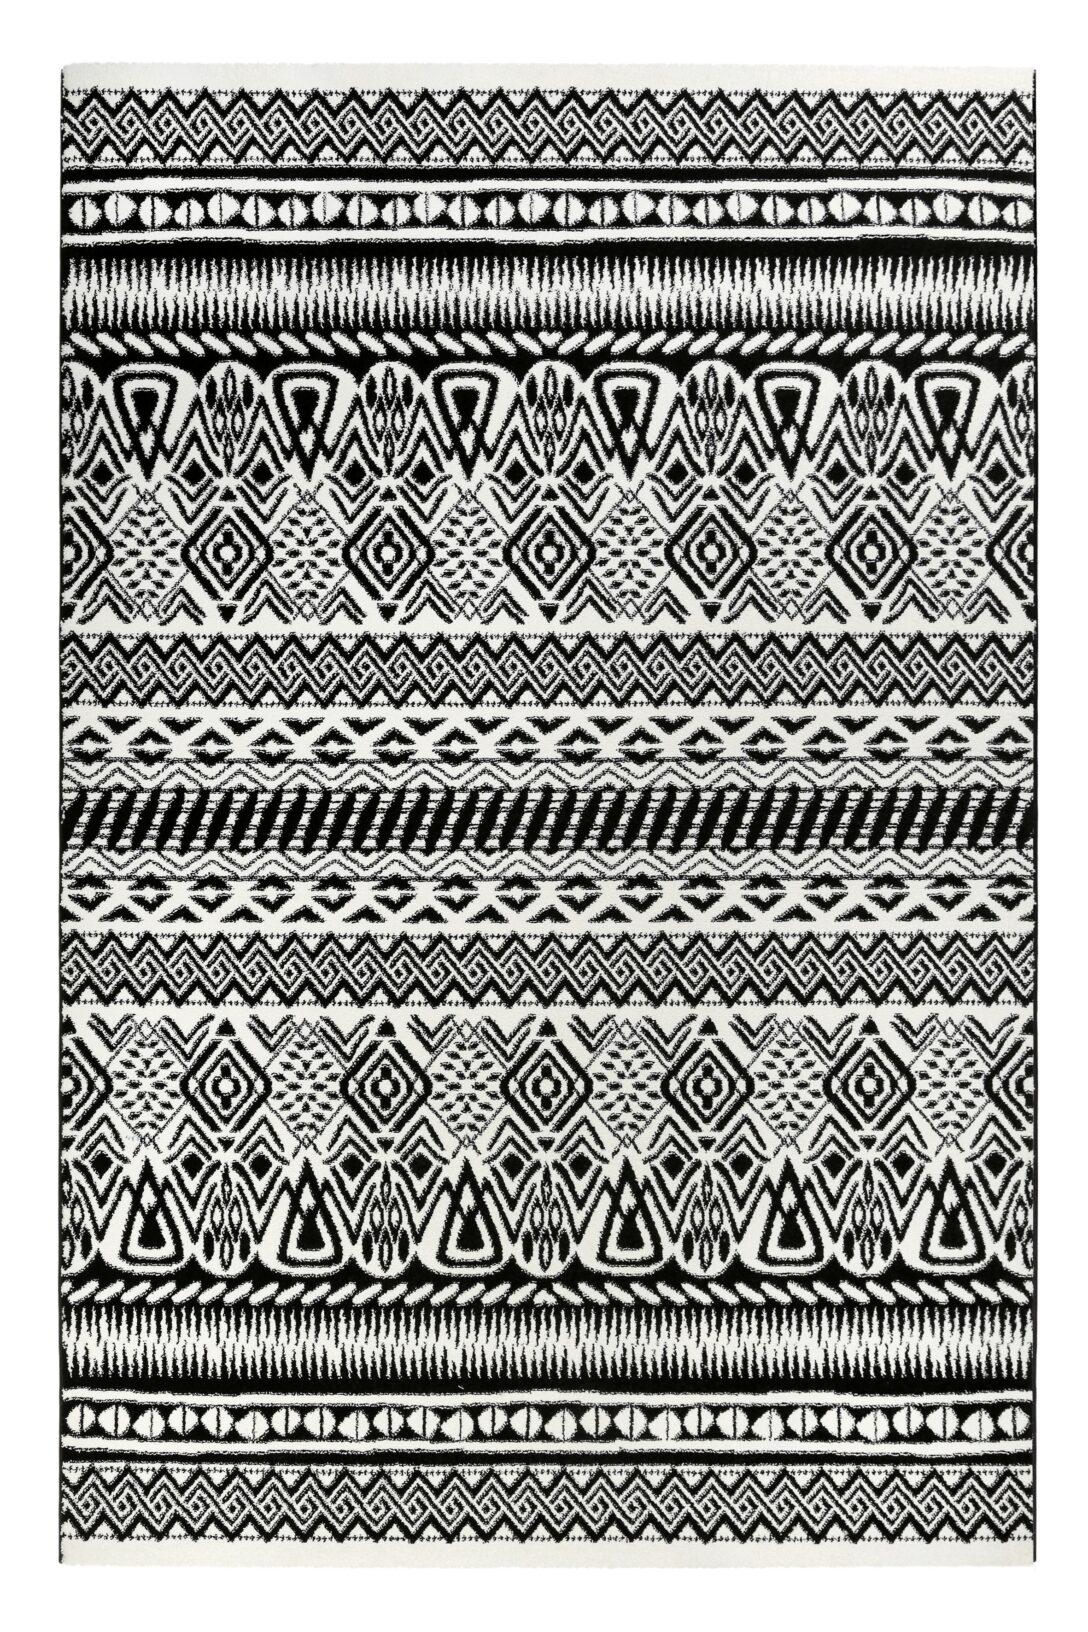 Large Size of Esprit Kurzflor Teppich Black White Schwarz Wei In 2020 Esstisch Weiß Oval Sofa Grau Bett 160x200 100x200 Bad Regal 140x200 Schlafzimmer Hängeschrank Wohnzimmer Teppich Schwarz Weiß